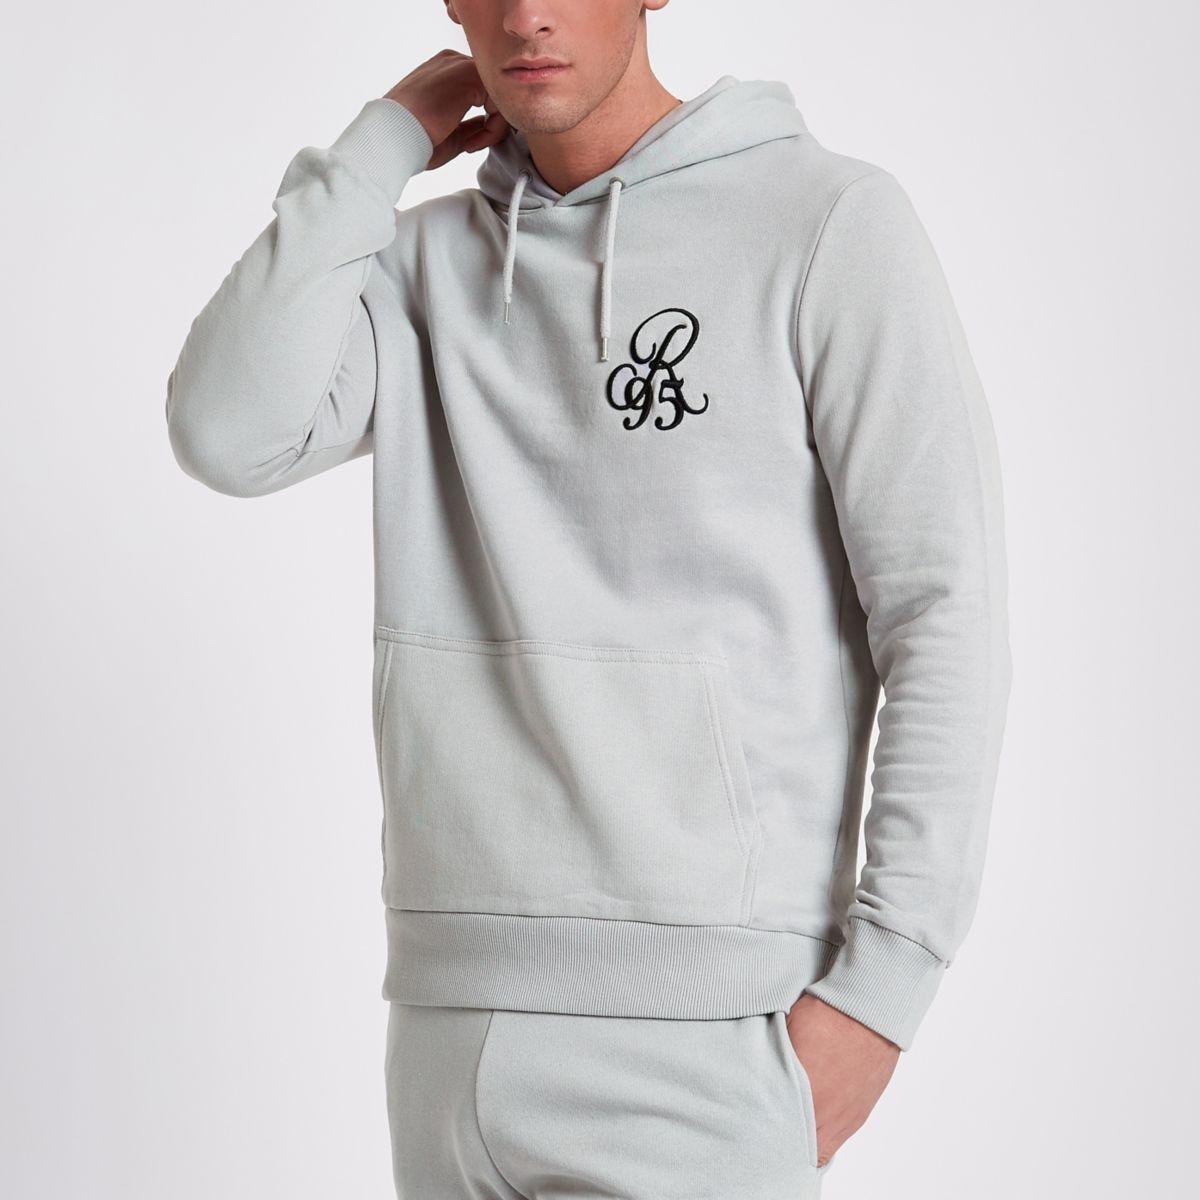 Light grey slim fit R95 hoodie